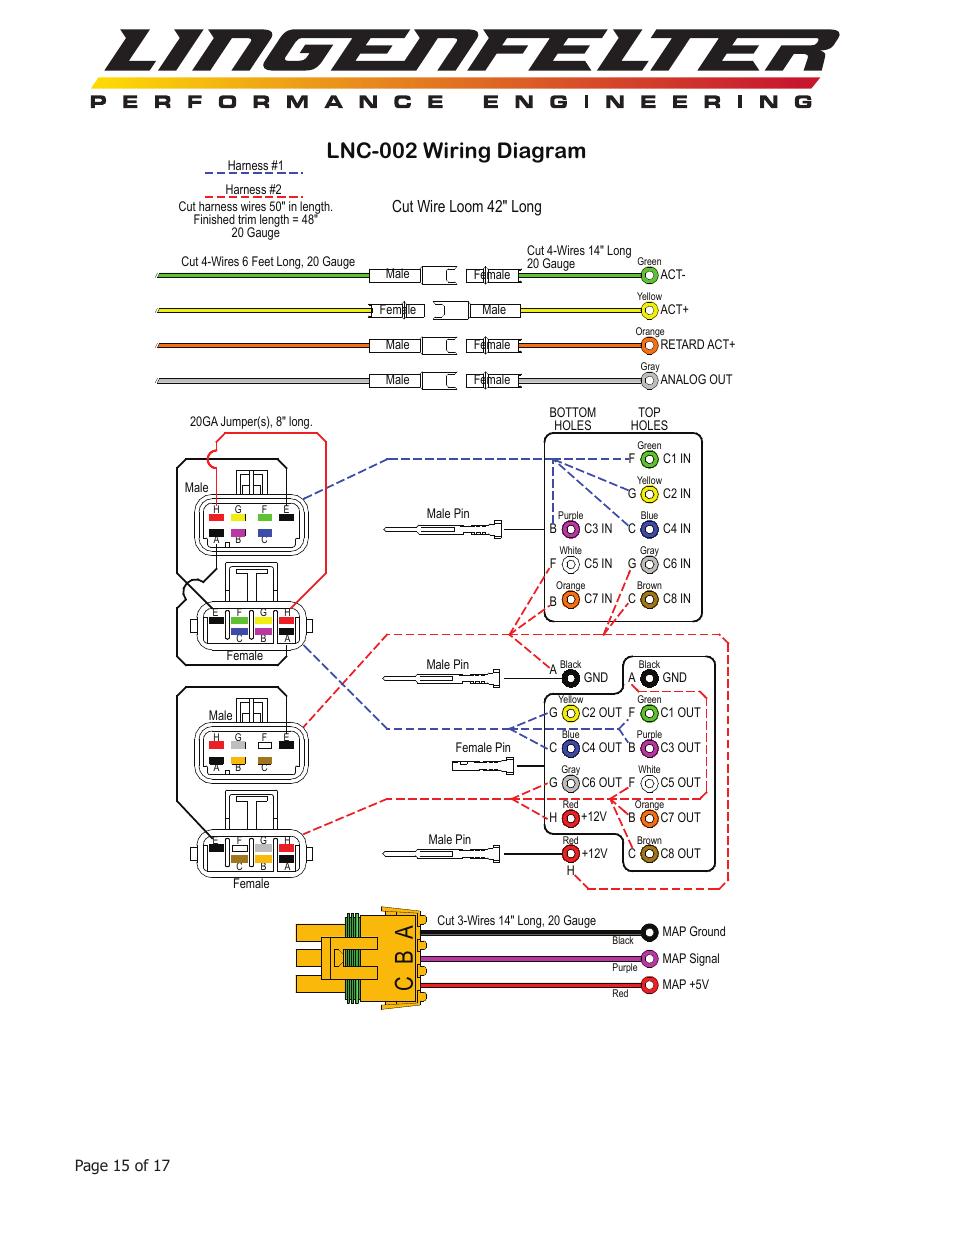 medium resolution of ab c lnc 002 wiring diagram cut wire loom 42 long